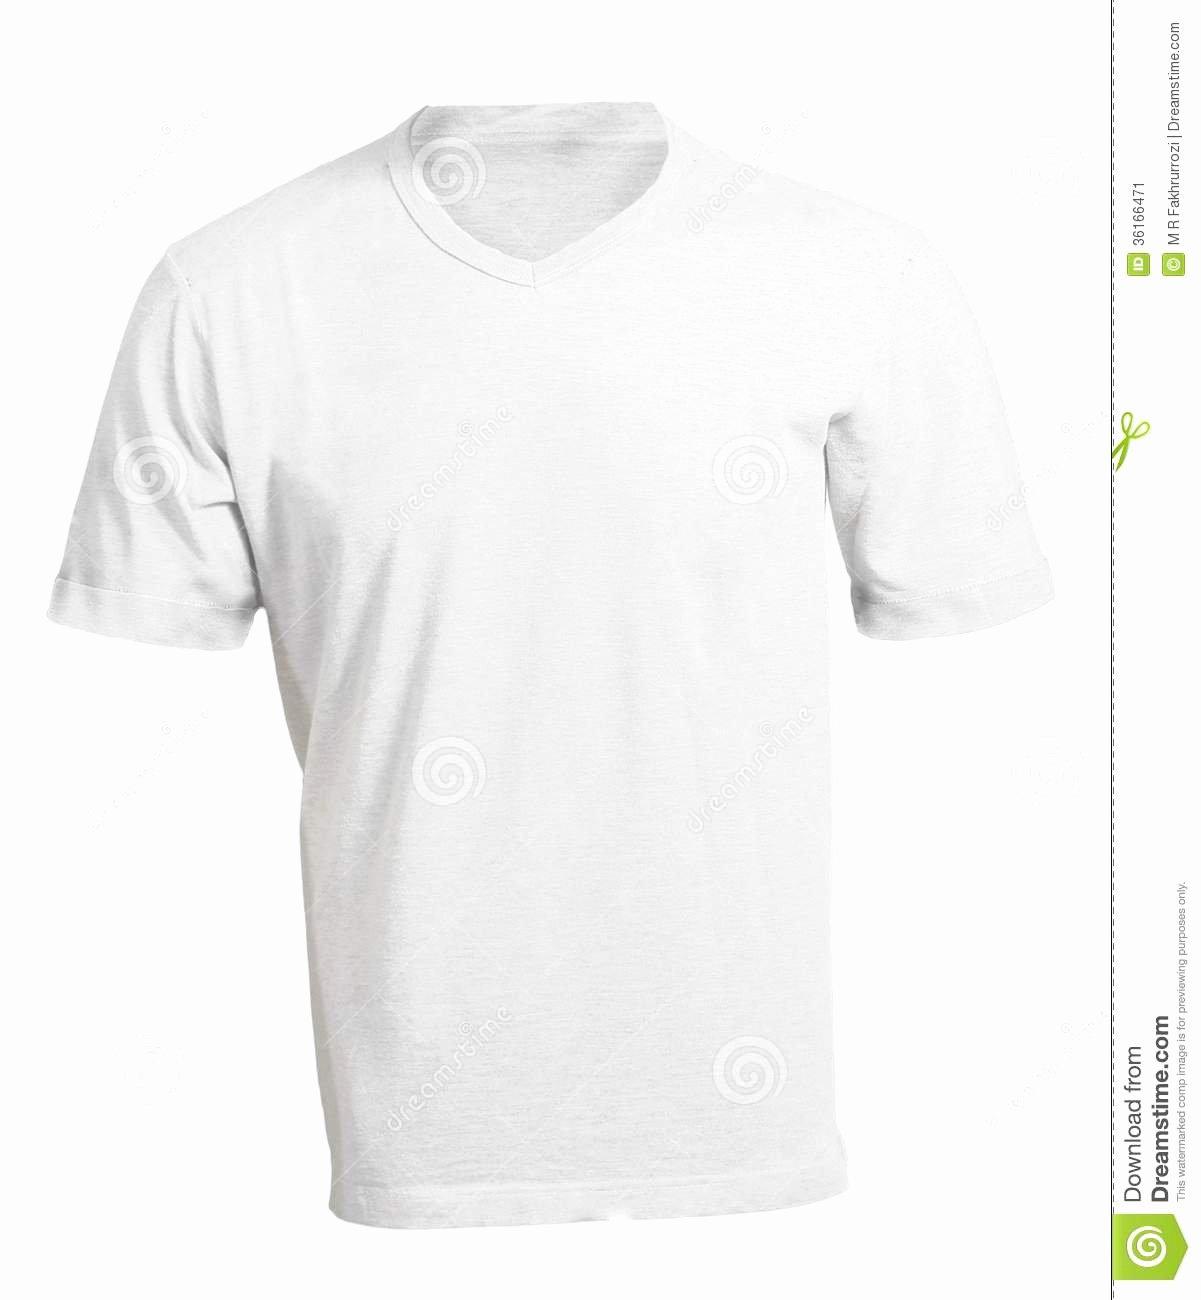 Men S Blank White V Neck Shirt Template Stock Image